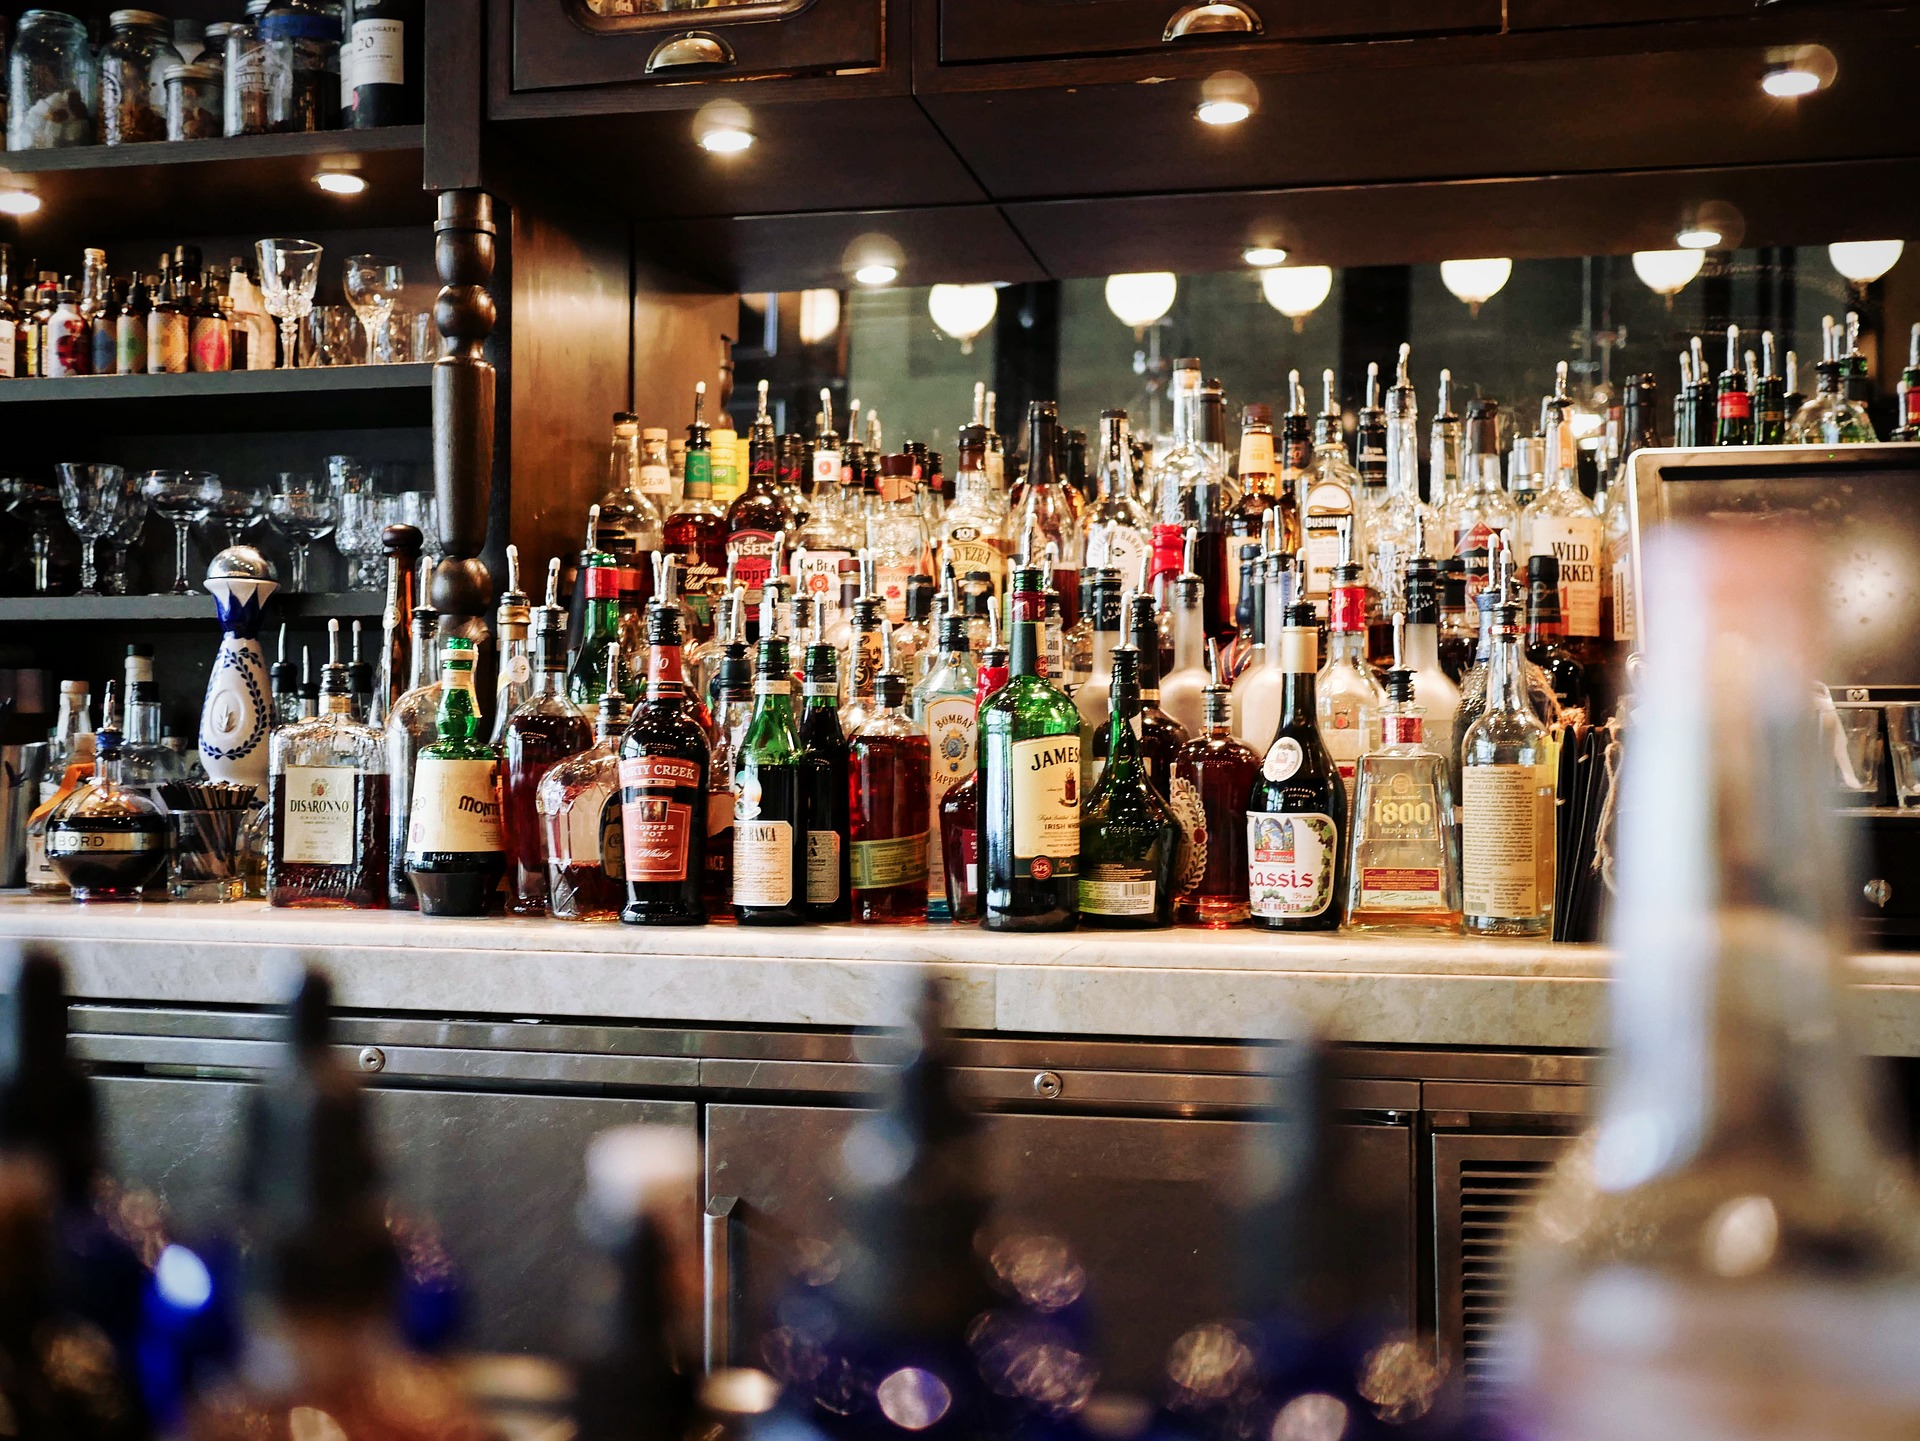 Gastronomia zwolniona z opłat za alkohol w tym roku? Jest projekt uchwały  - Zdjęcie główne